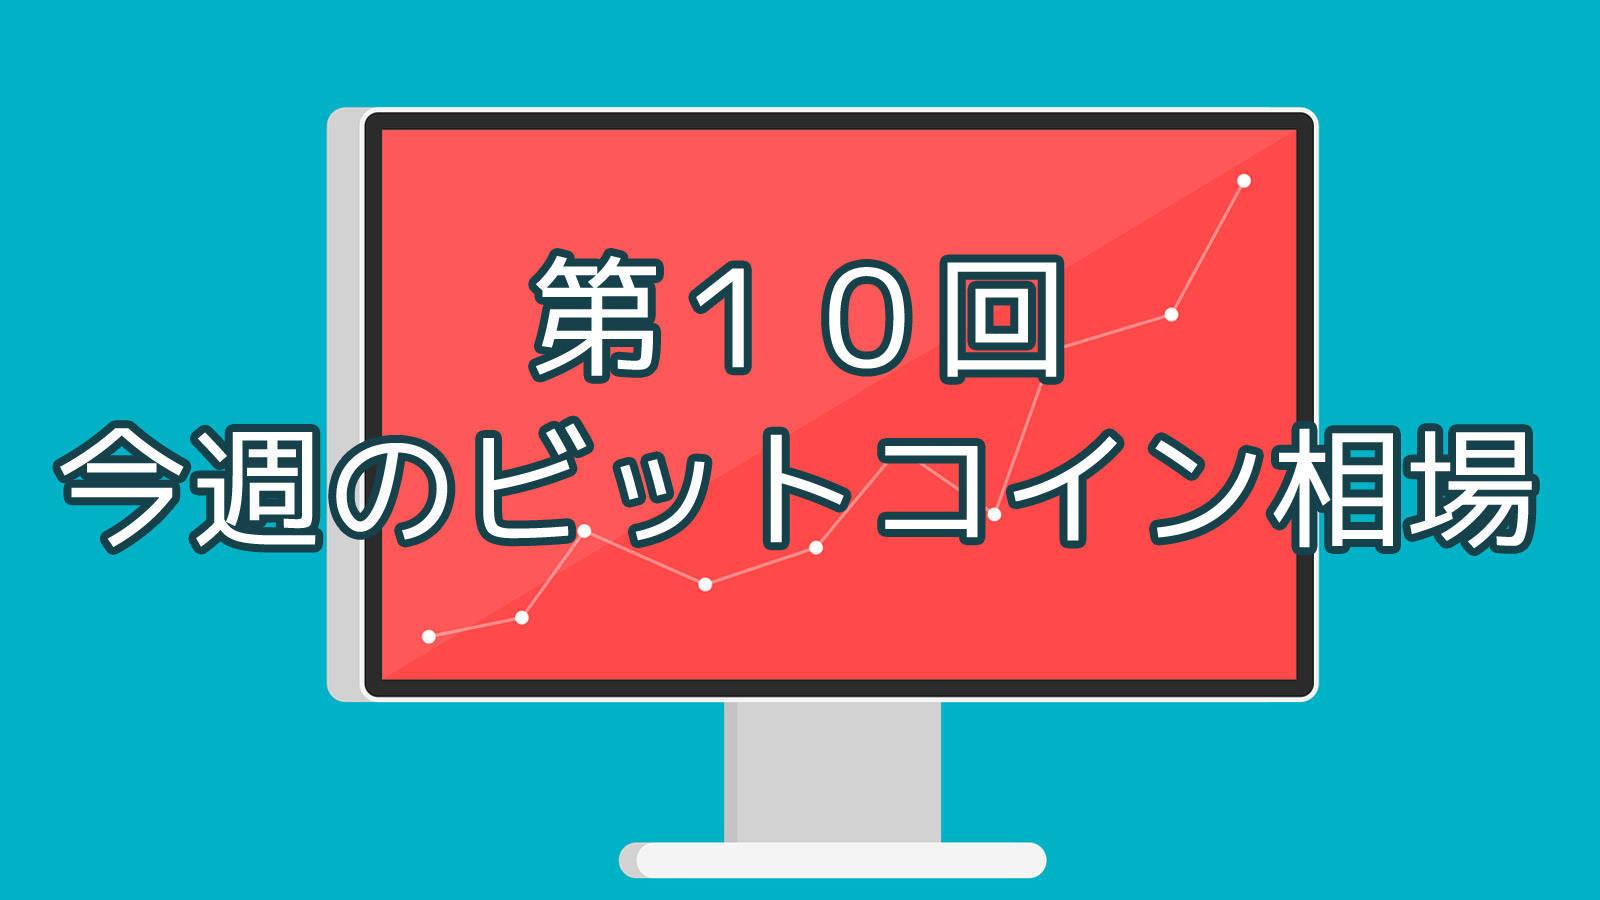 【第10回】今週のビットコイン相場 (4/23〜4/29)